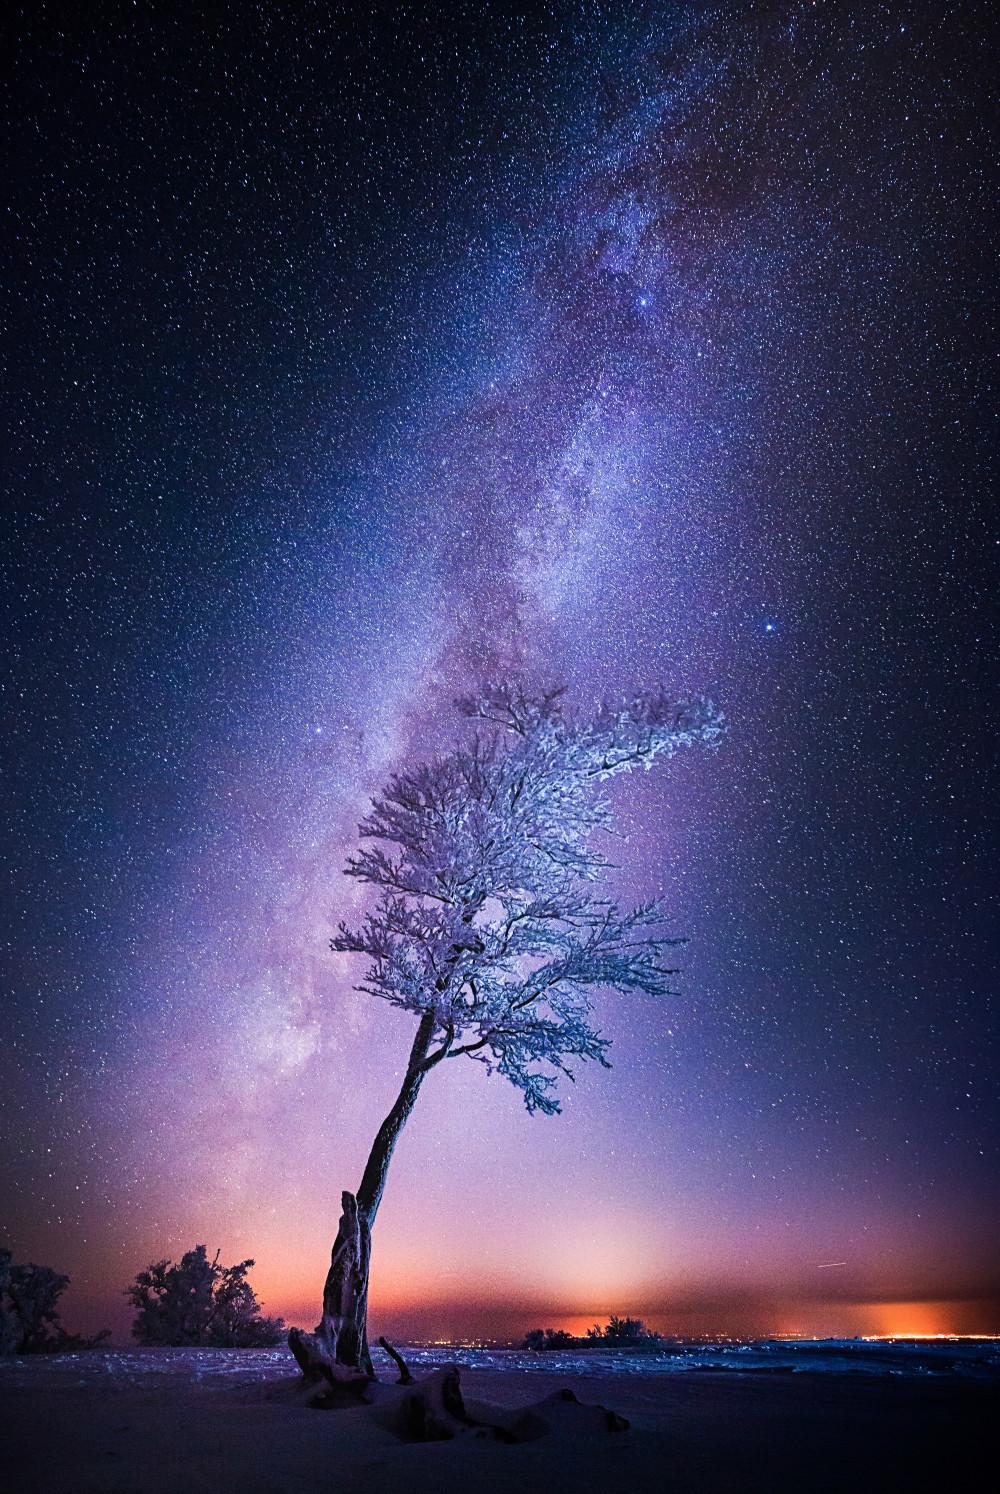 《银河的传说》孙秀海192433.jpg